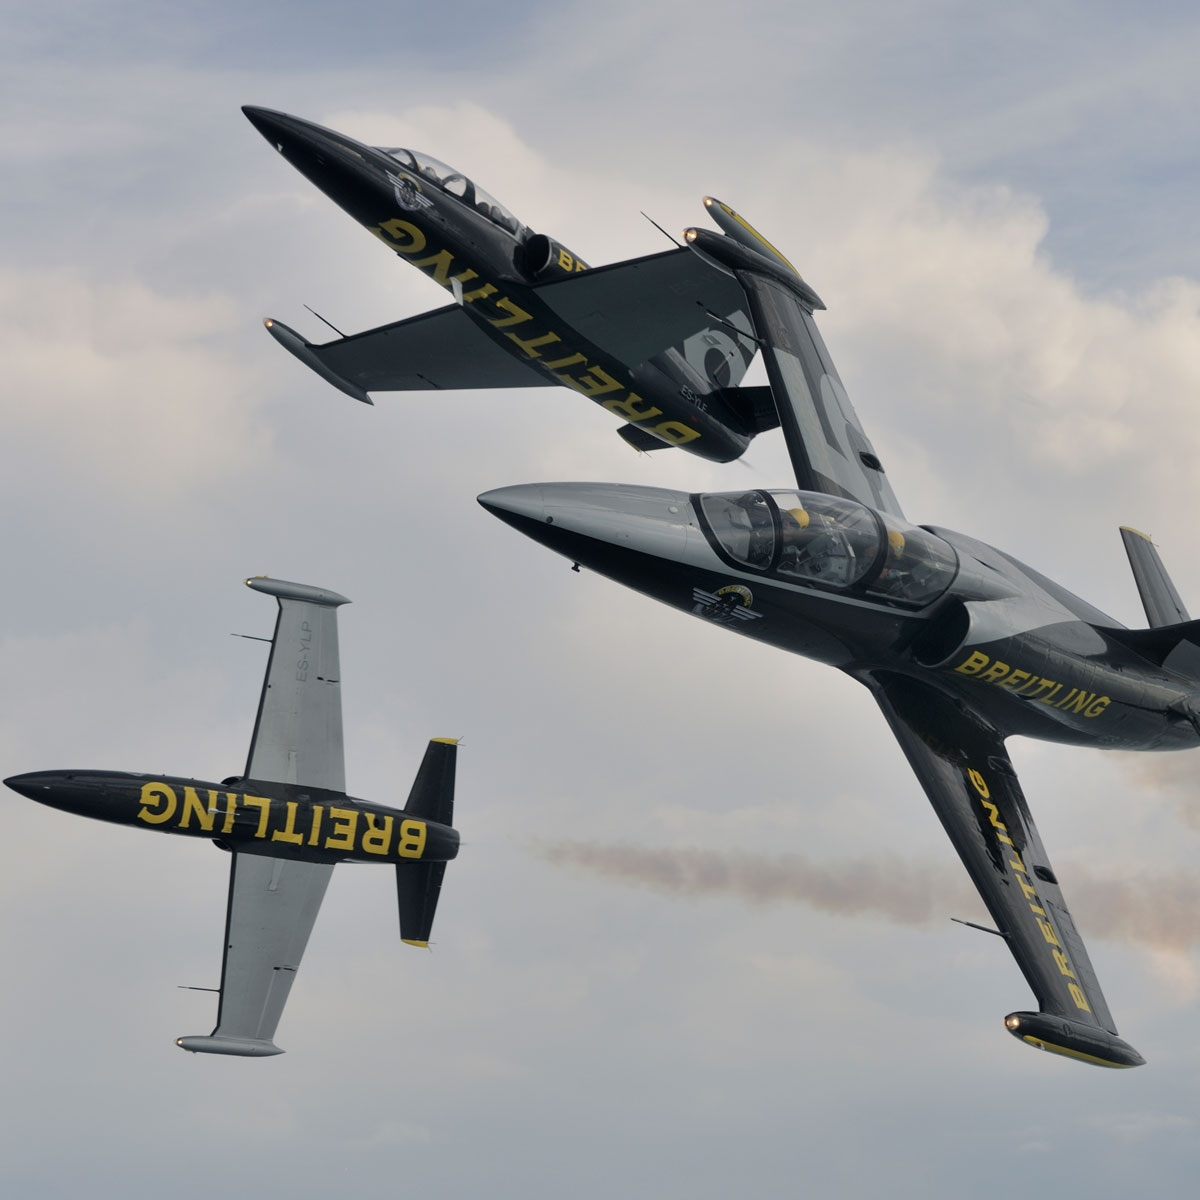 La Cote des Montres : Photo - Le Breitling Jet Team vole avec un Airbus A380